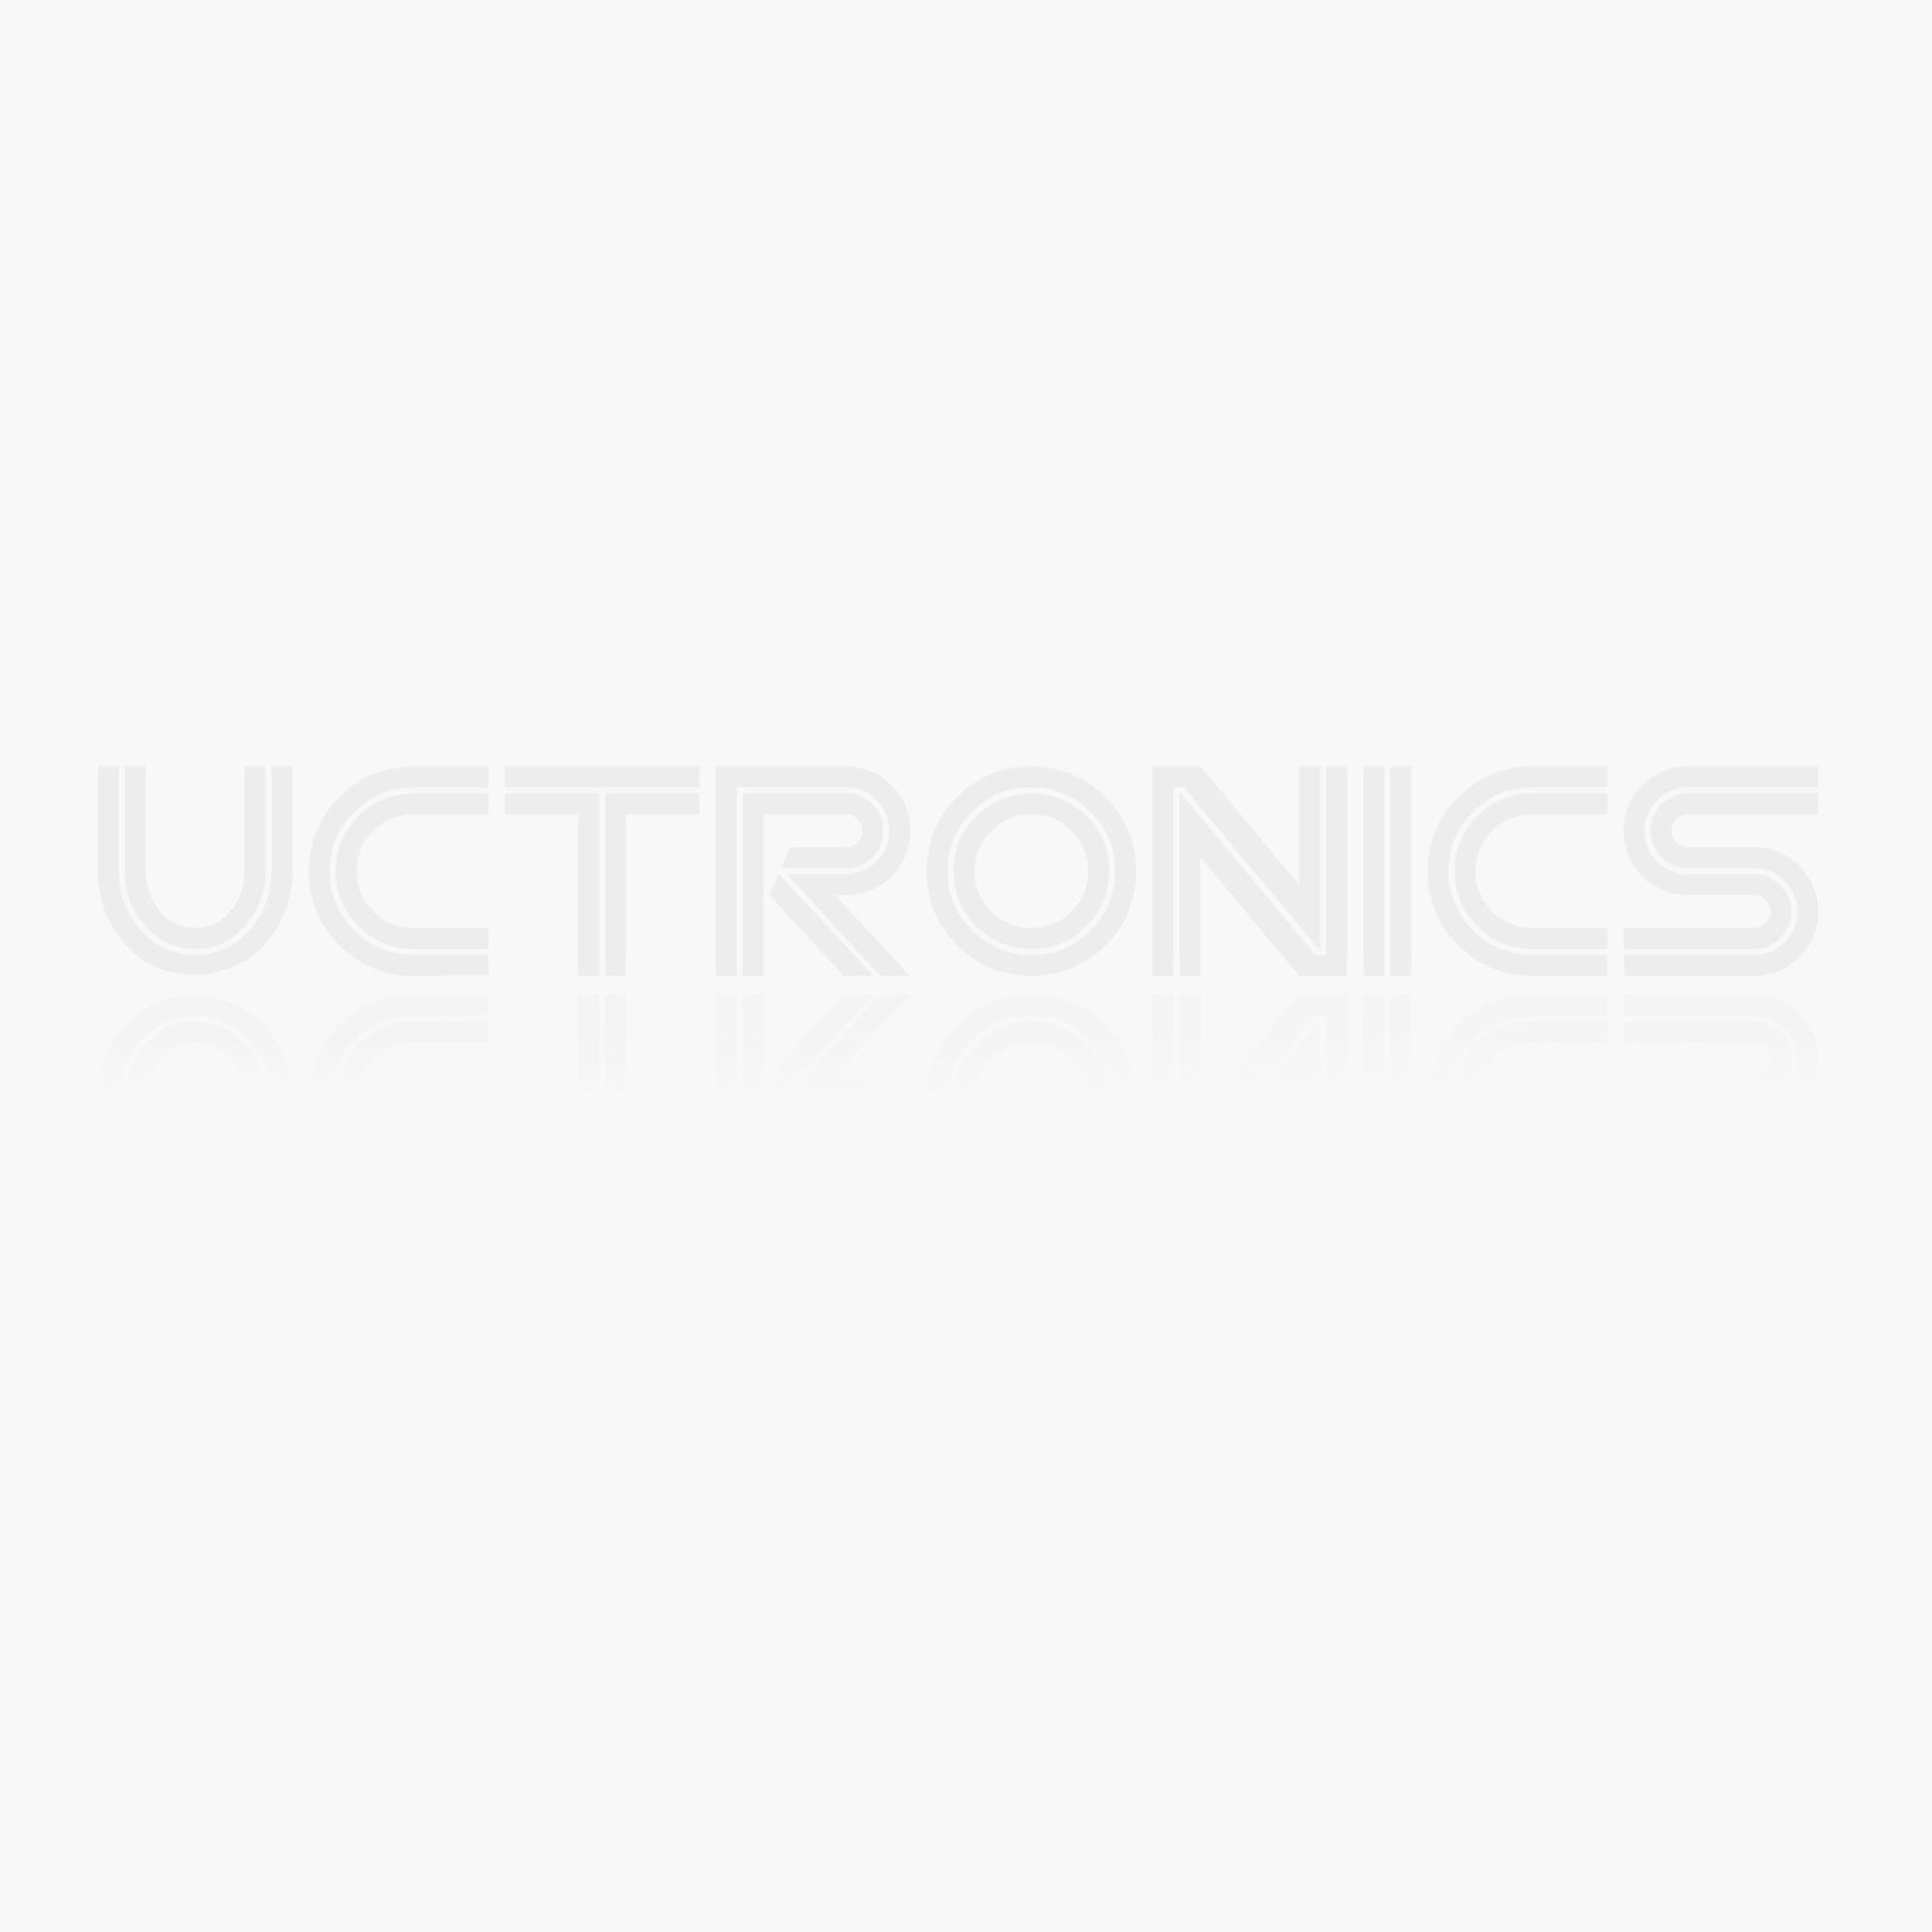 HMC5883L 3 Axis Digital e-compass Magnetometer Sensor Module for Arduino